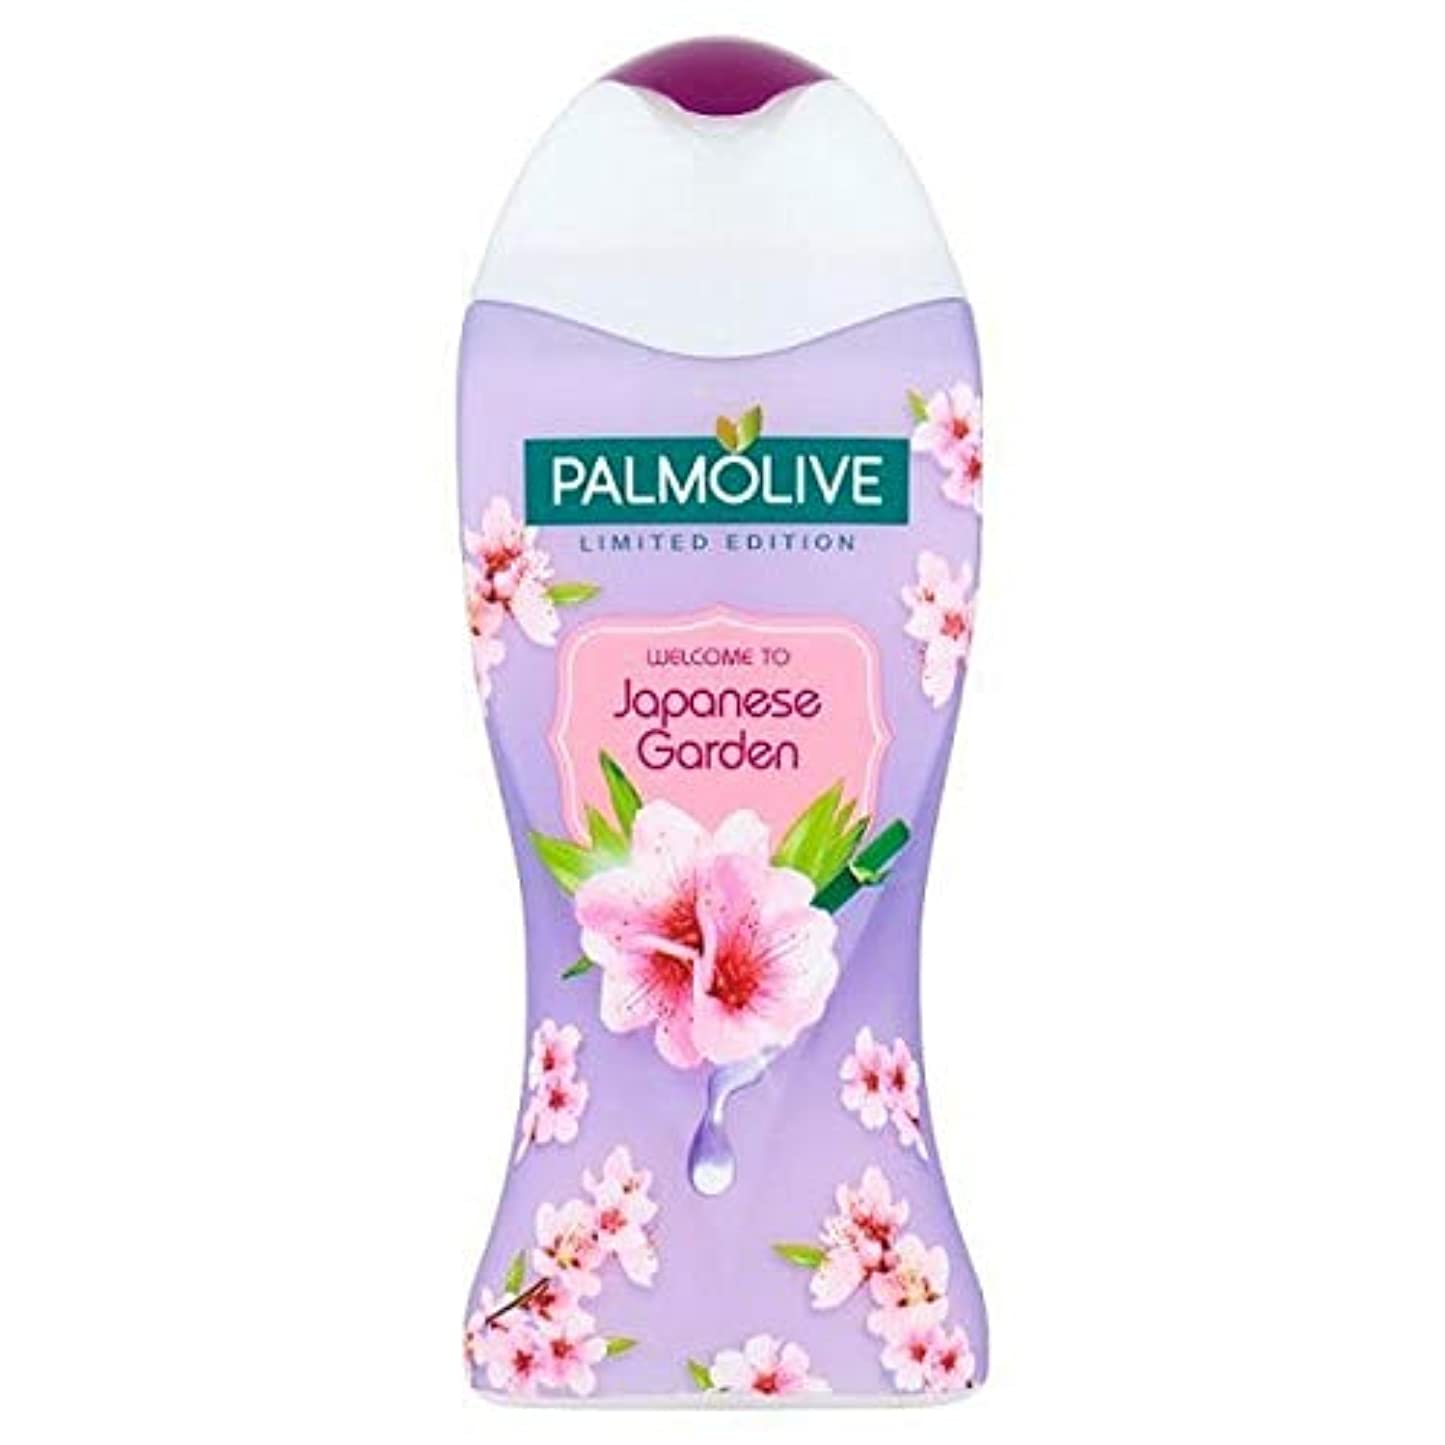 集中的な粗い気楽な[Palmolive ] パルモ日本庭園のシャワージェル250ミリリットル - Palmolive Japanese Garden Shower Gel 250ml [並行輸入品]